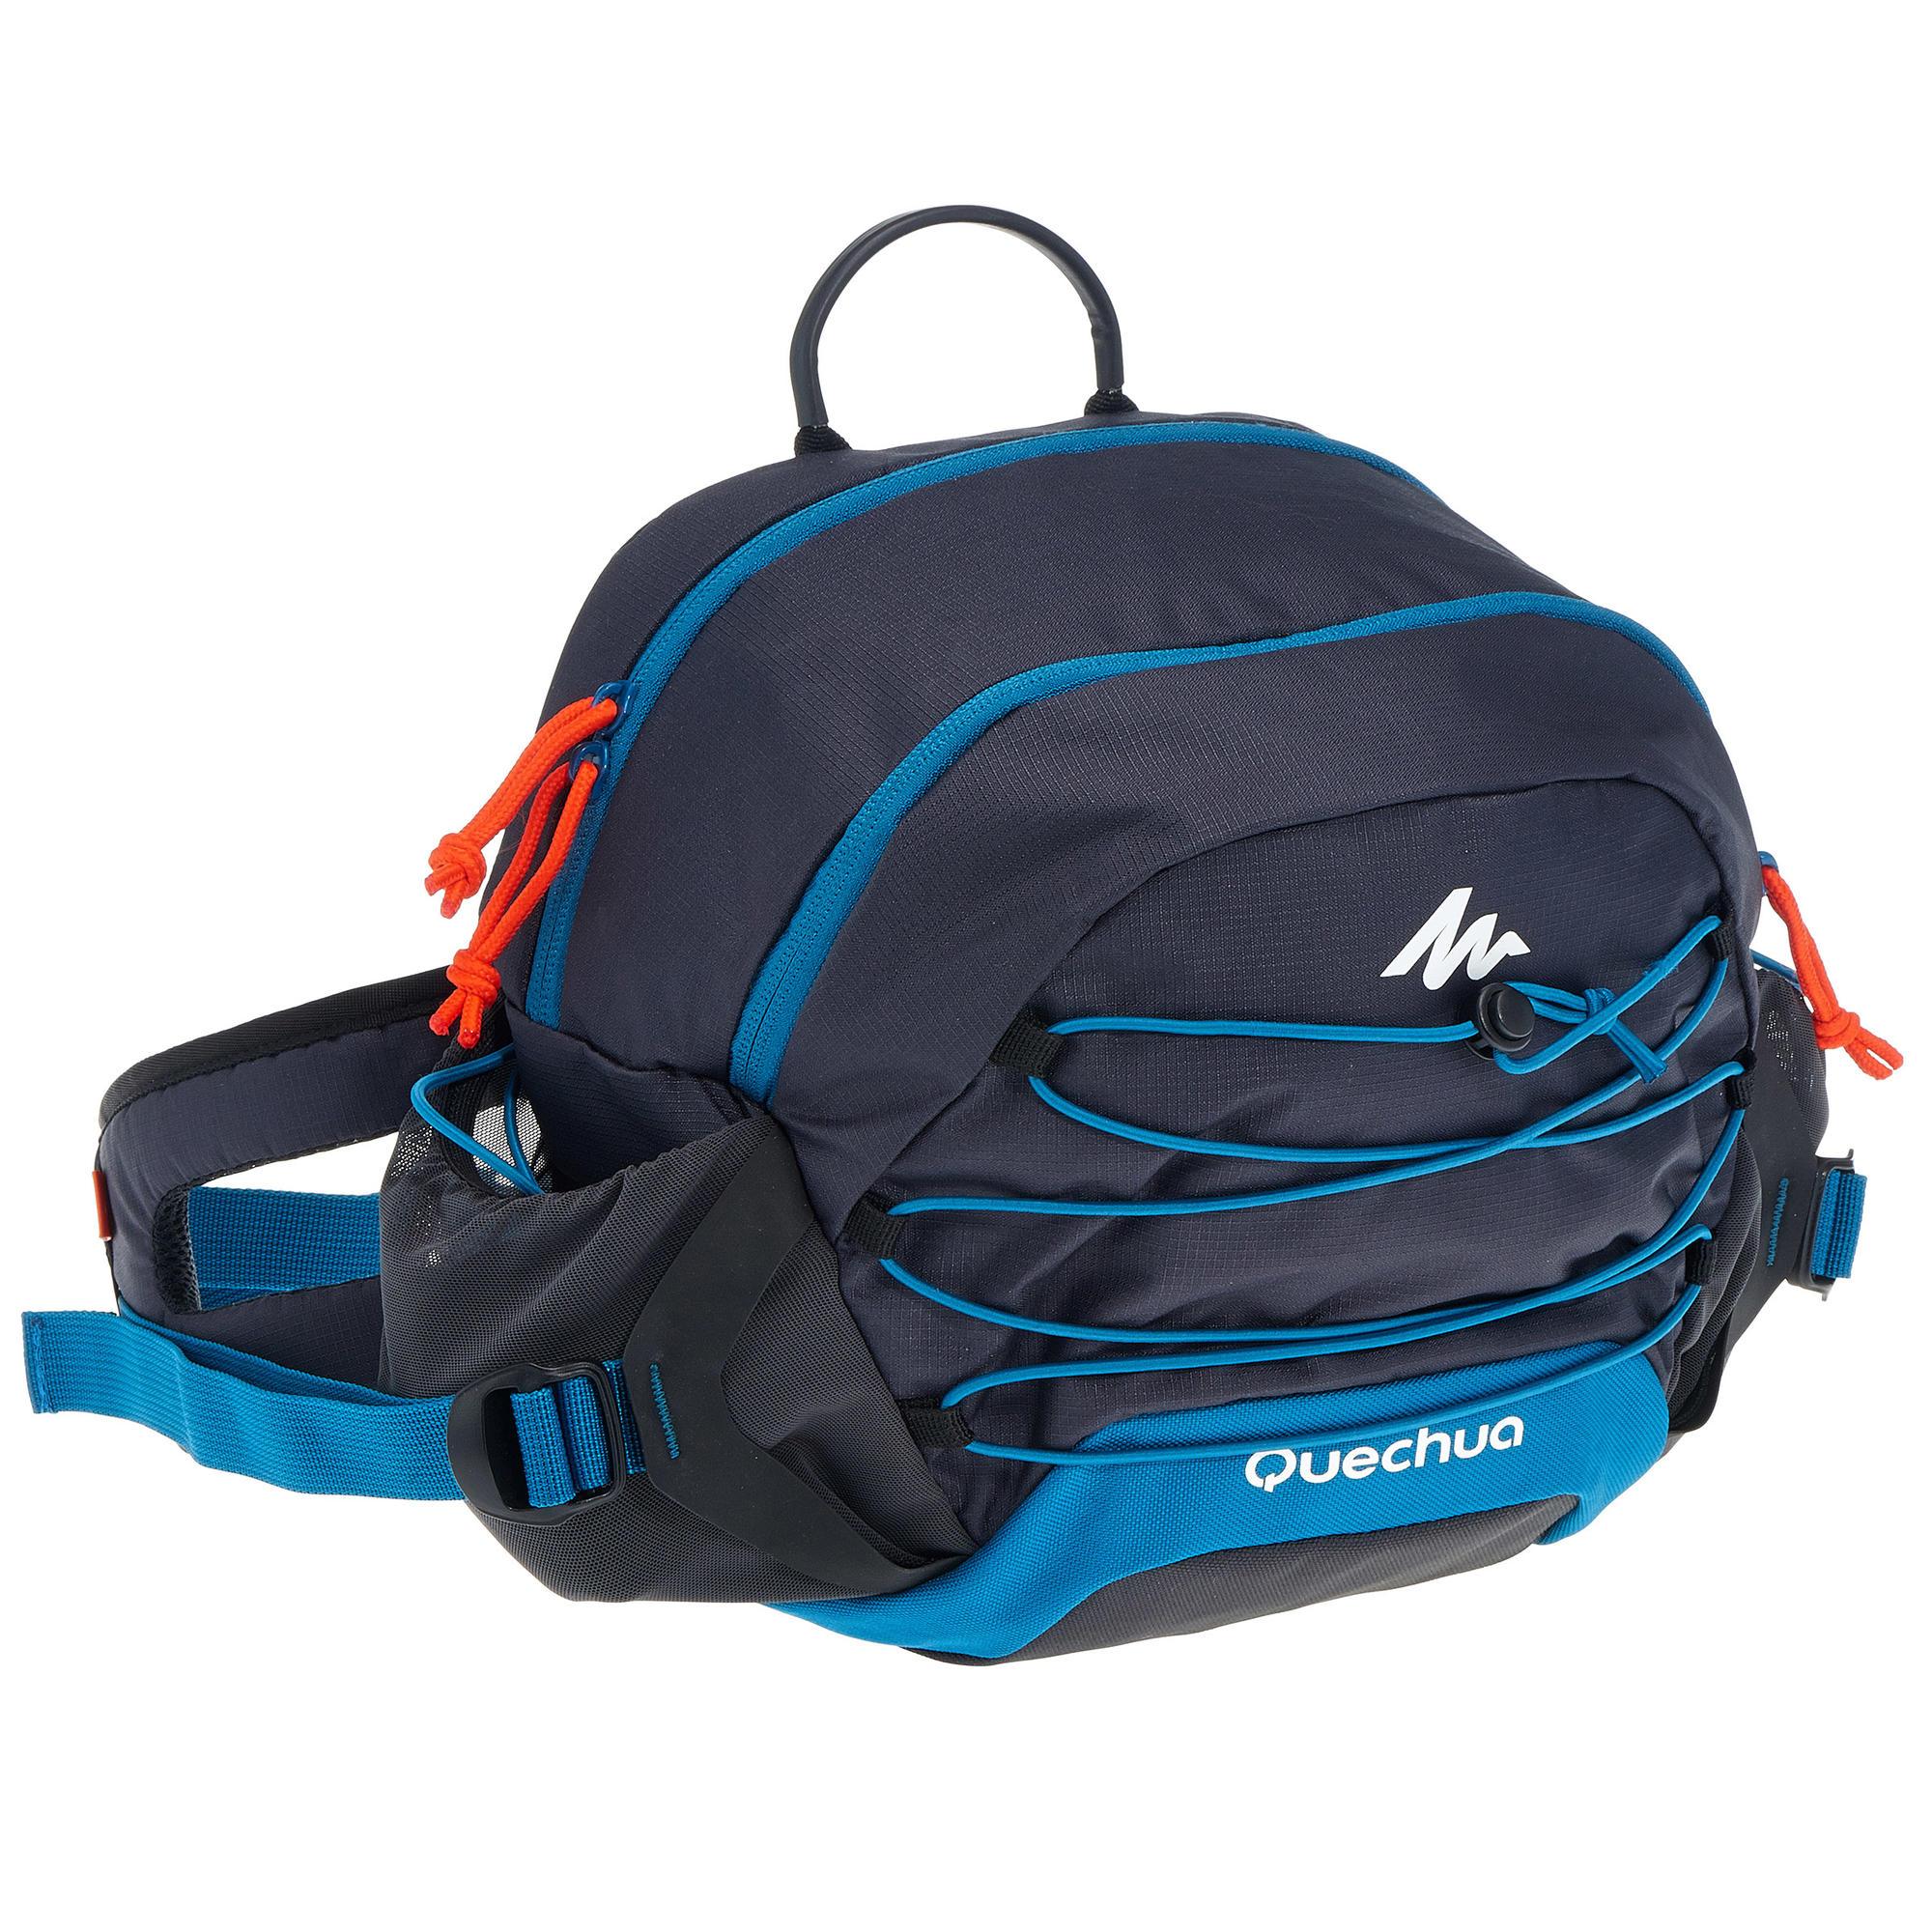 Bumbag Hiking Large Size 10 Litres Blue Quechua